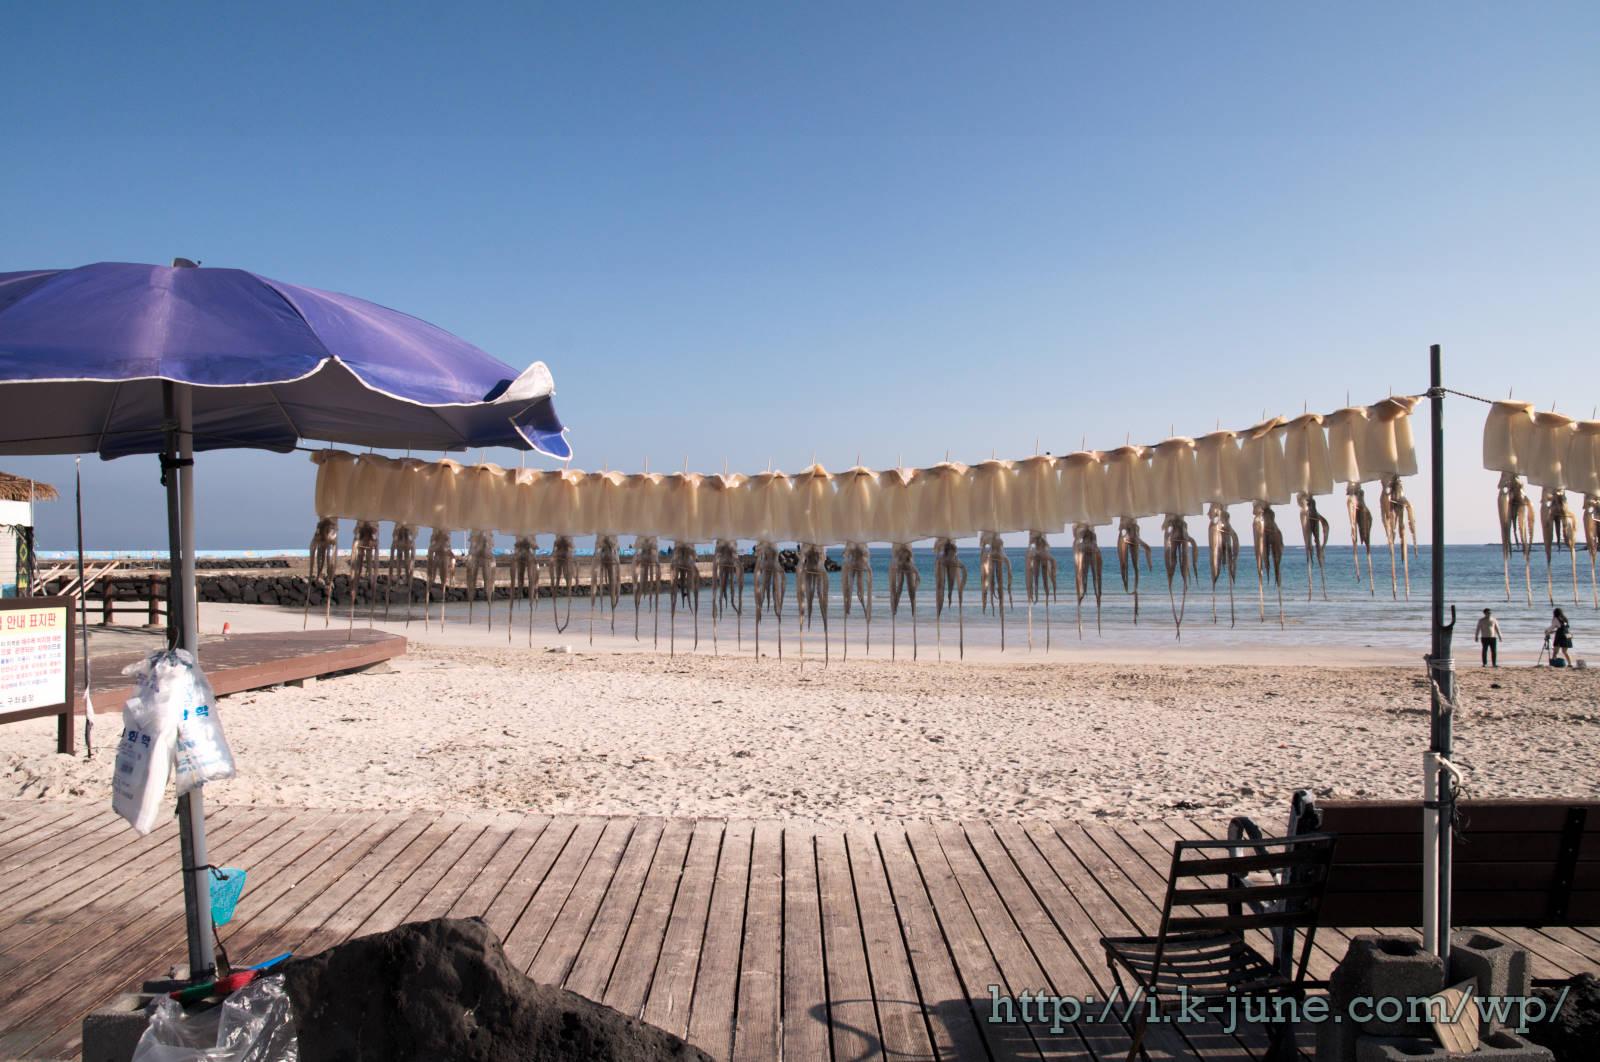 바닷가 모래사장에 오징어 수십마리가 널려 있다.